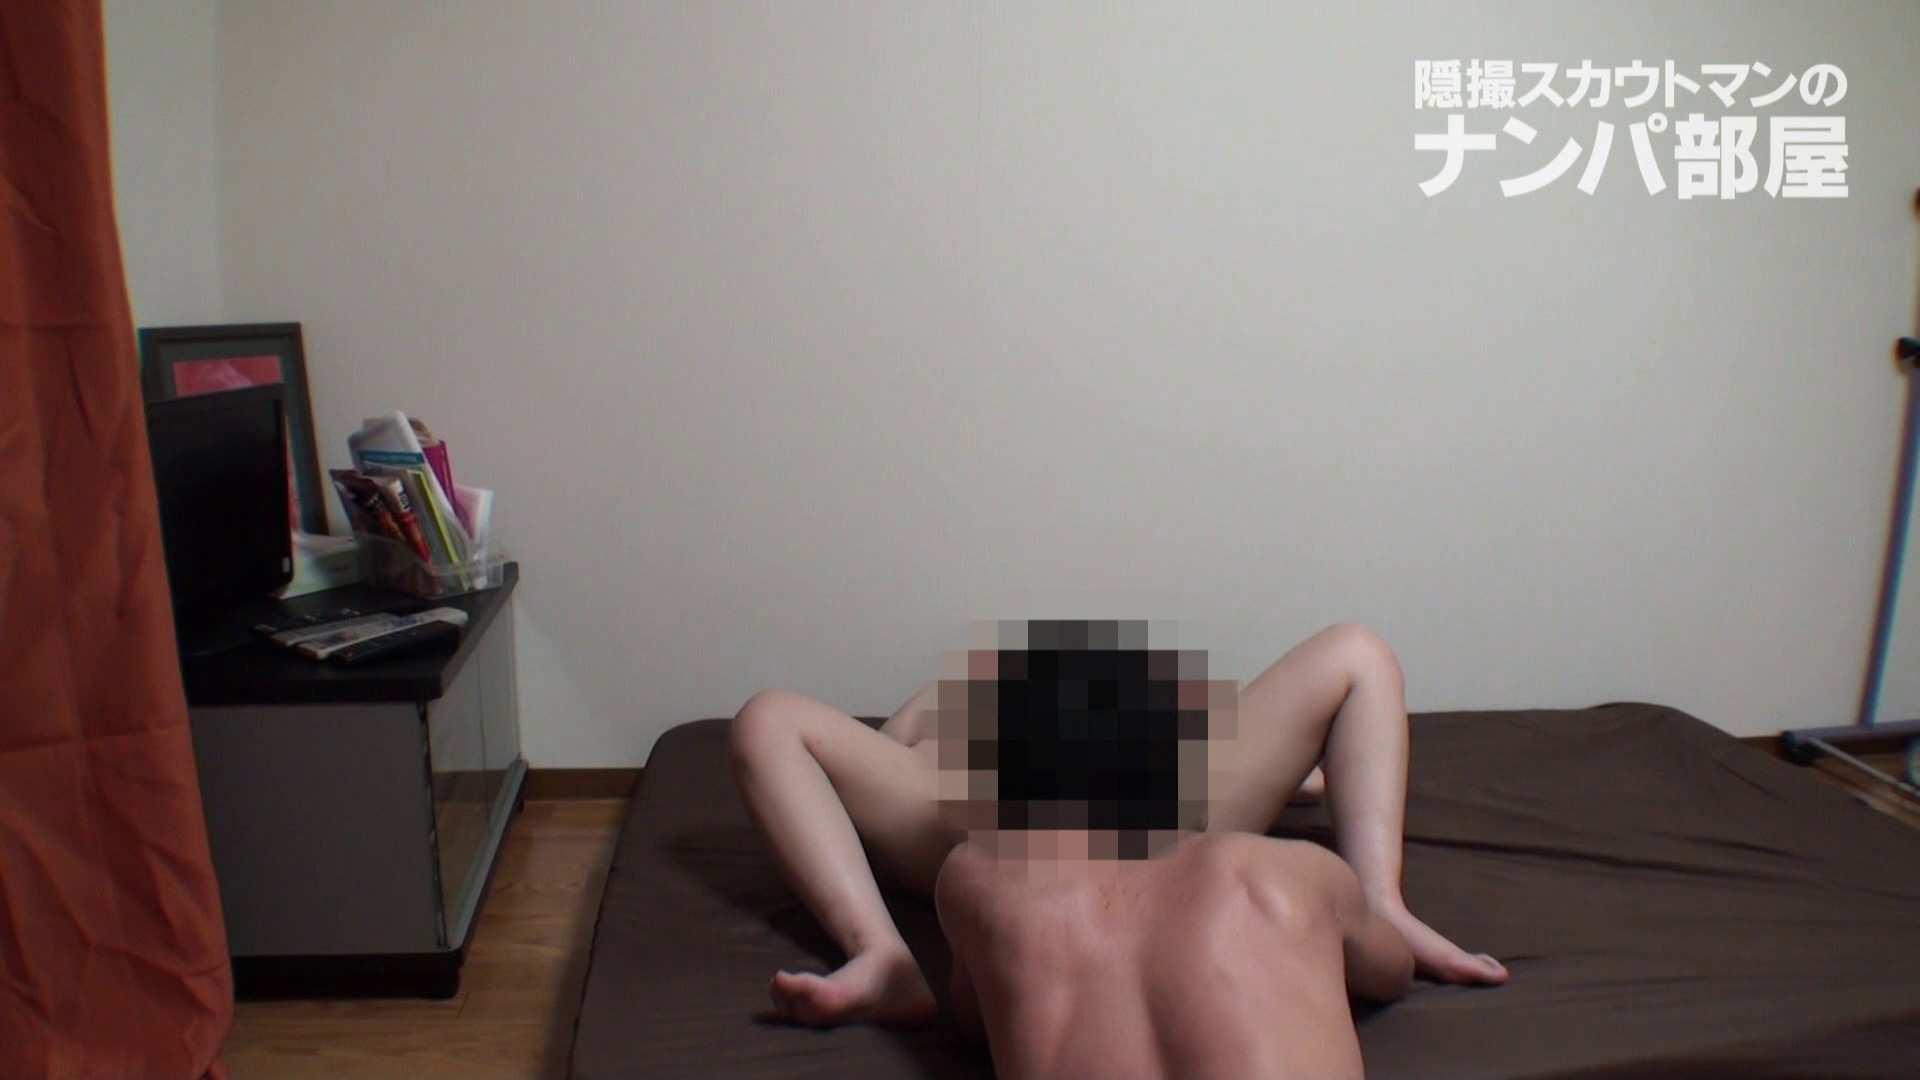 kana 脱衣所 | フェラ動画  112画像 26